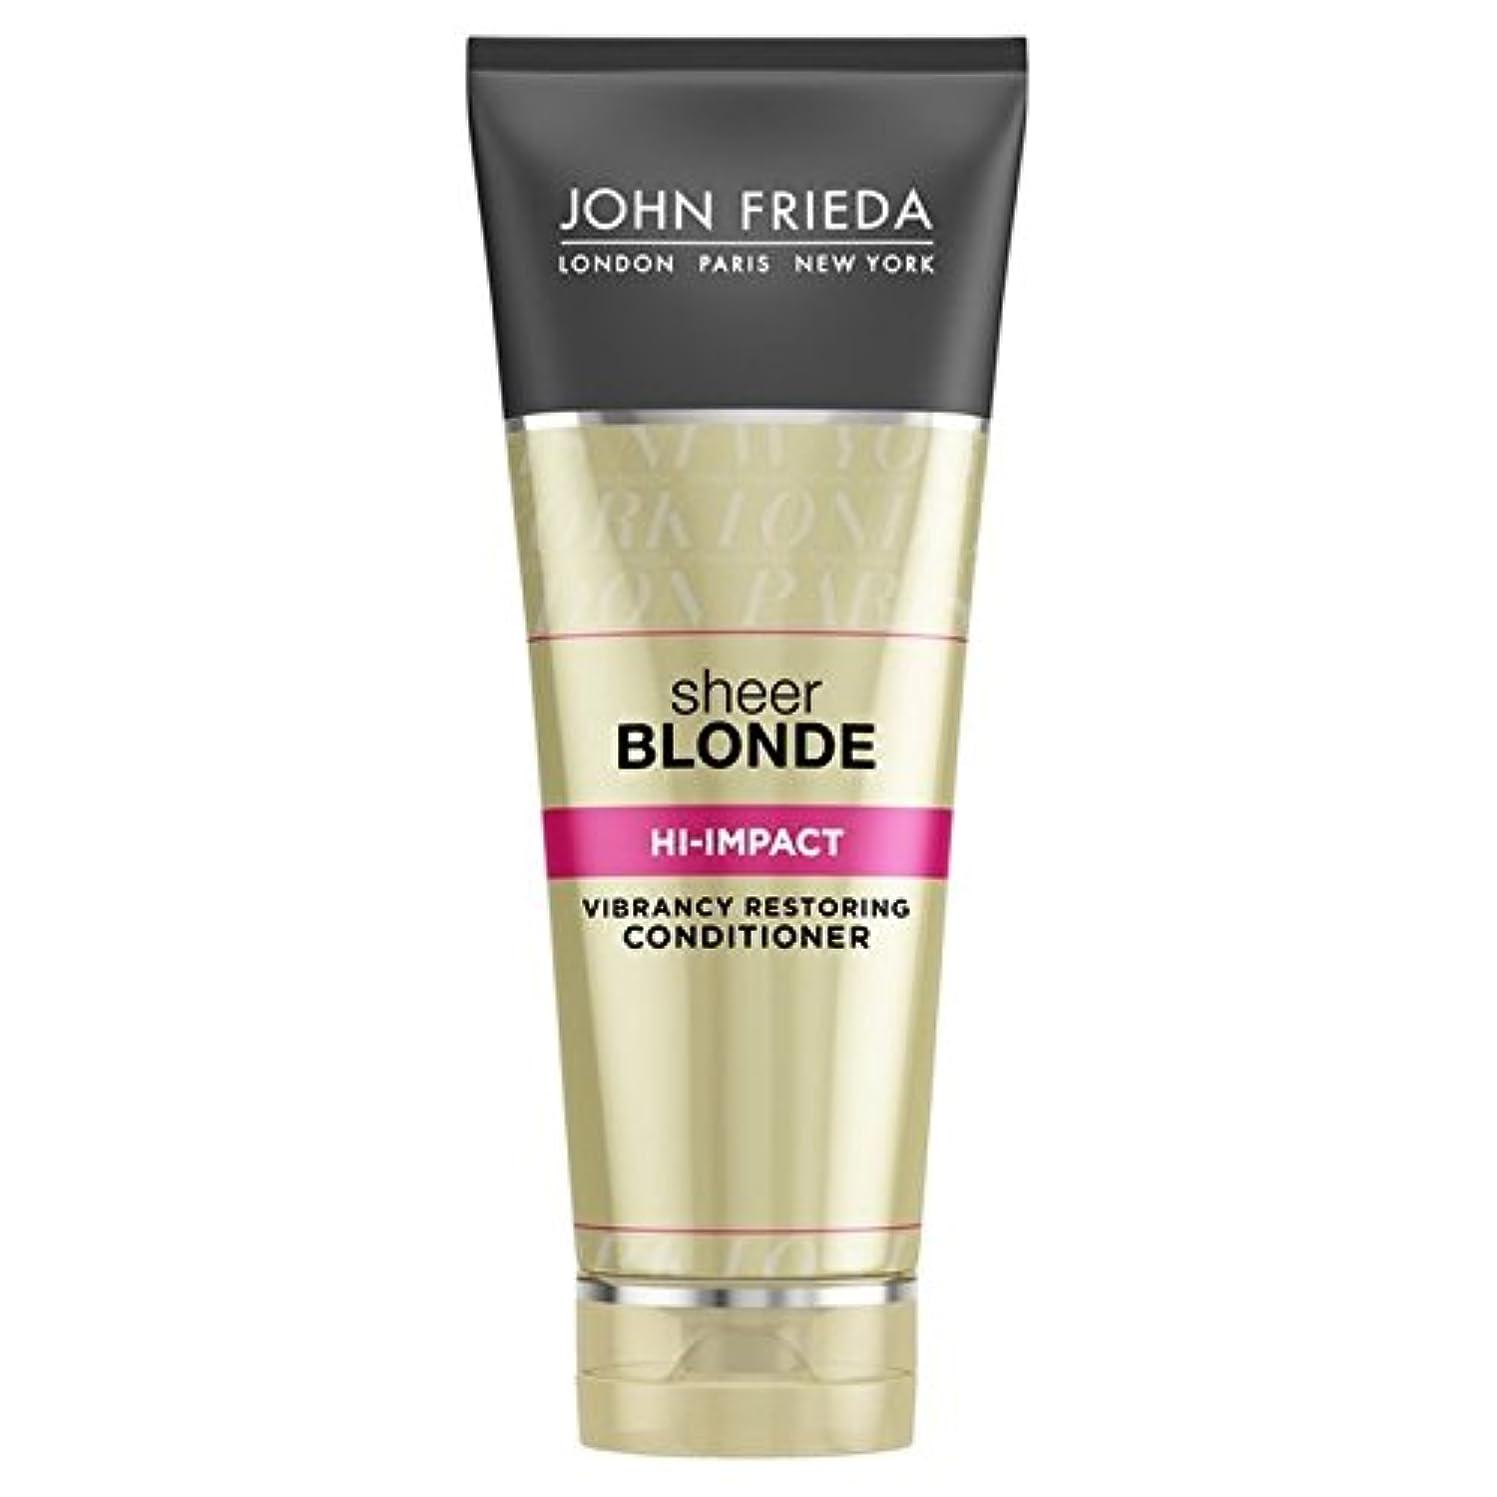 摂氏ペネロペカナダジョン?フリーダ膨大なブロンドハイインパクトコンディショナー250 x4 - John Frieda Sheer Blonde Hi Impact Conditioner 250ml (Pack of 4) [並行輸入品]